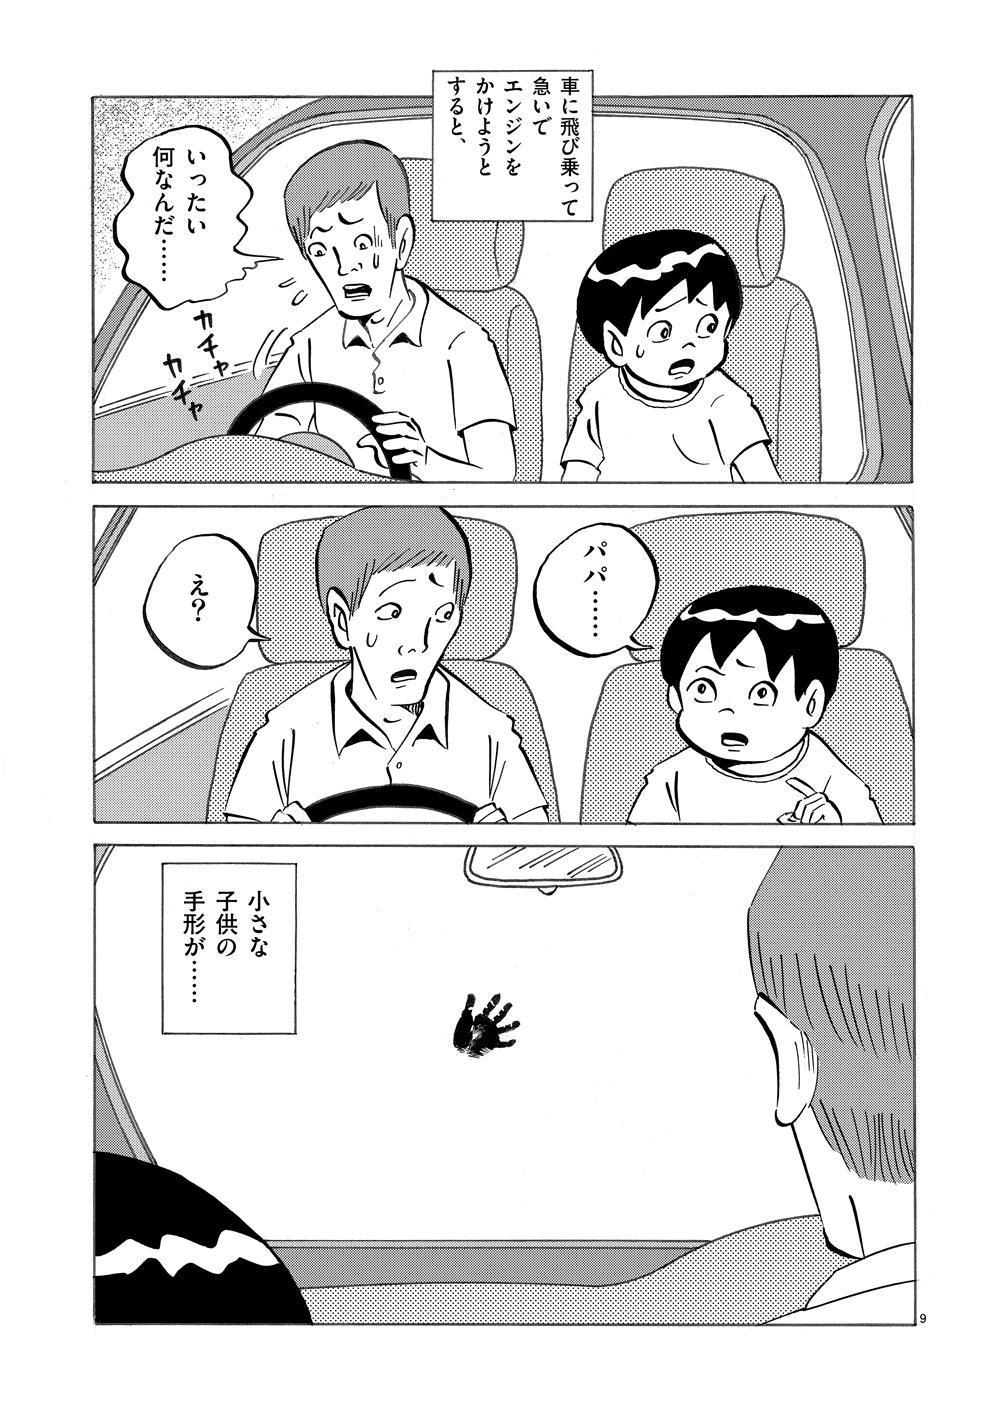 琉球怪談 【第2話】WEB掲載9ページ目画像